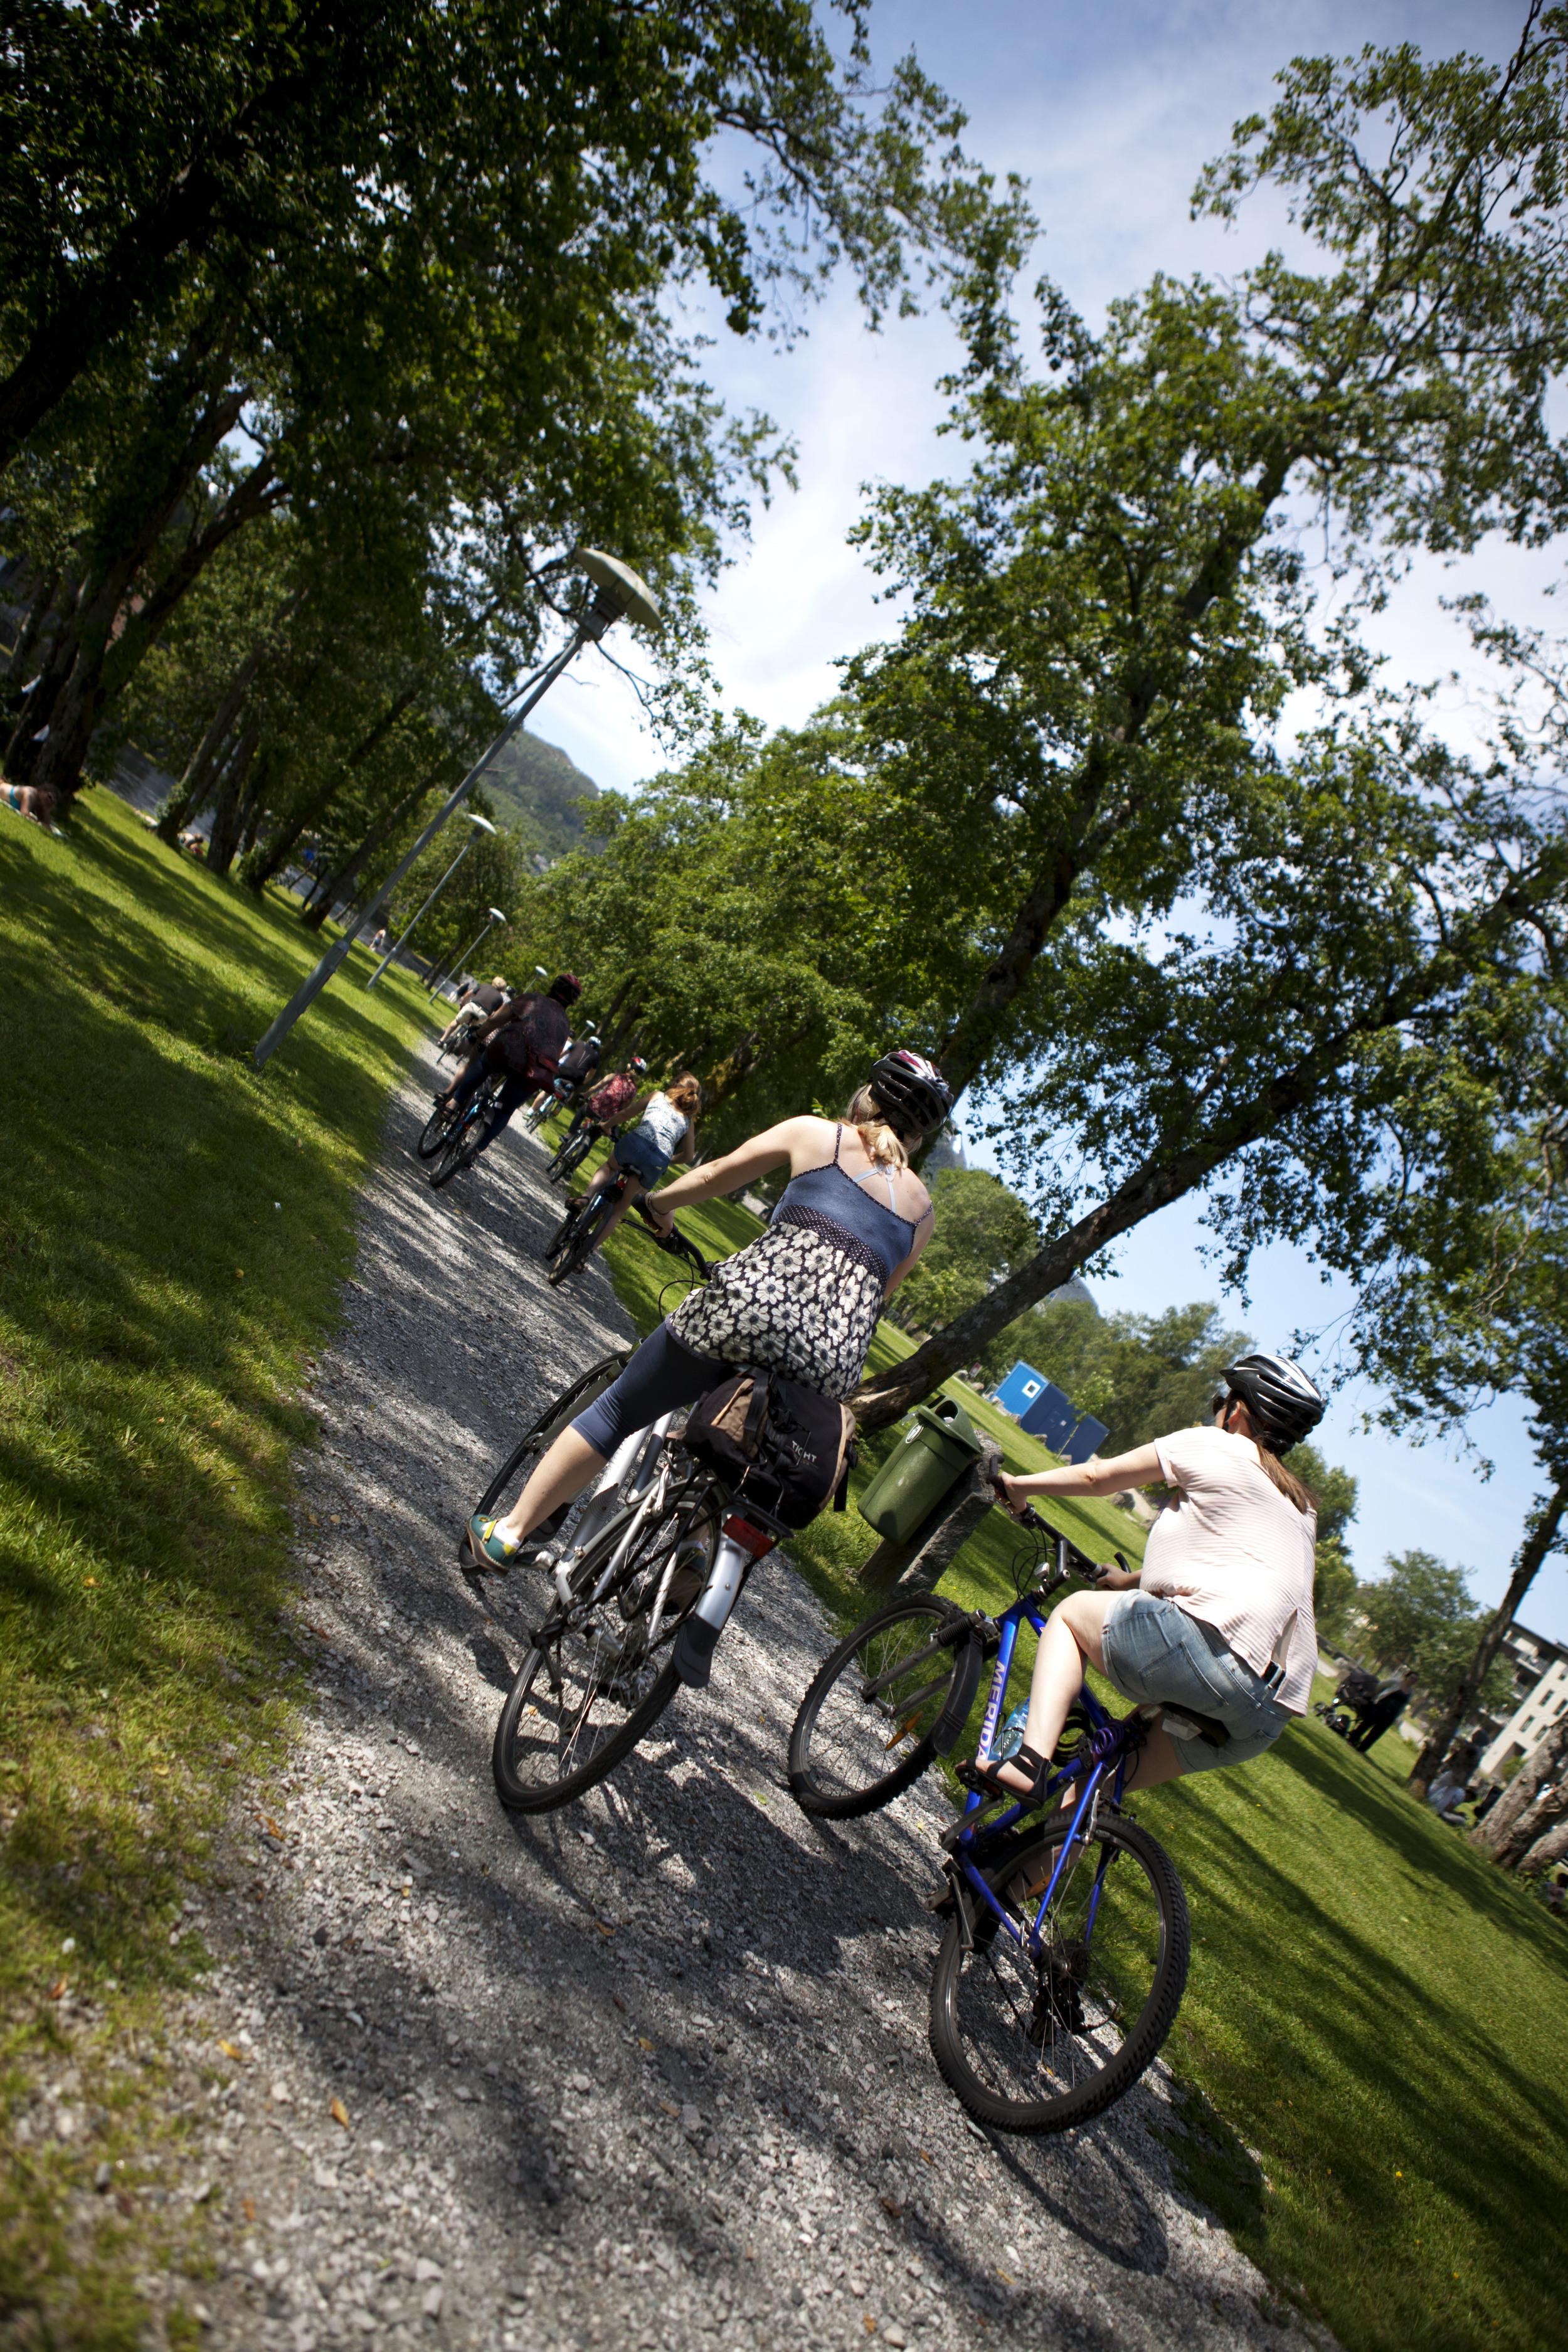 IMG_3470 - blåtur på sykkel - ulrika boden - prestegarden - 2. juli - heidi hattestein.jpg